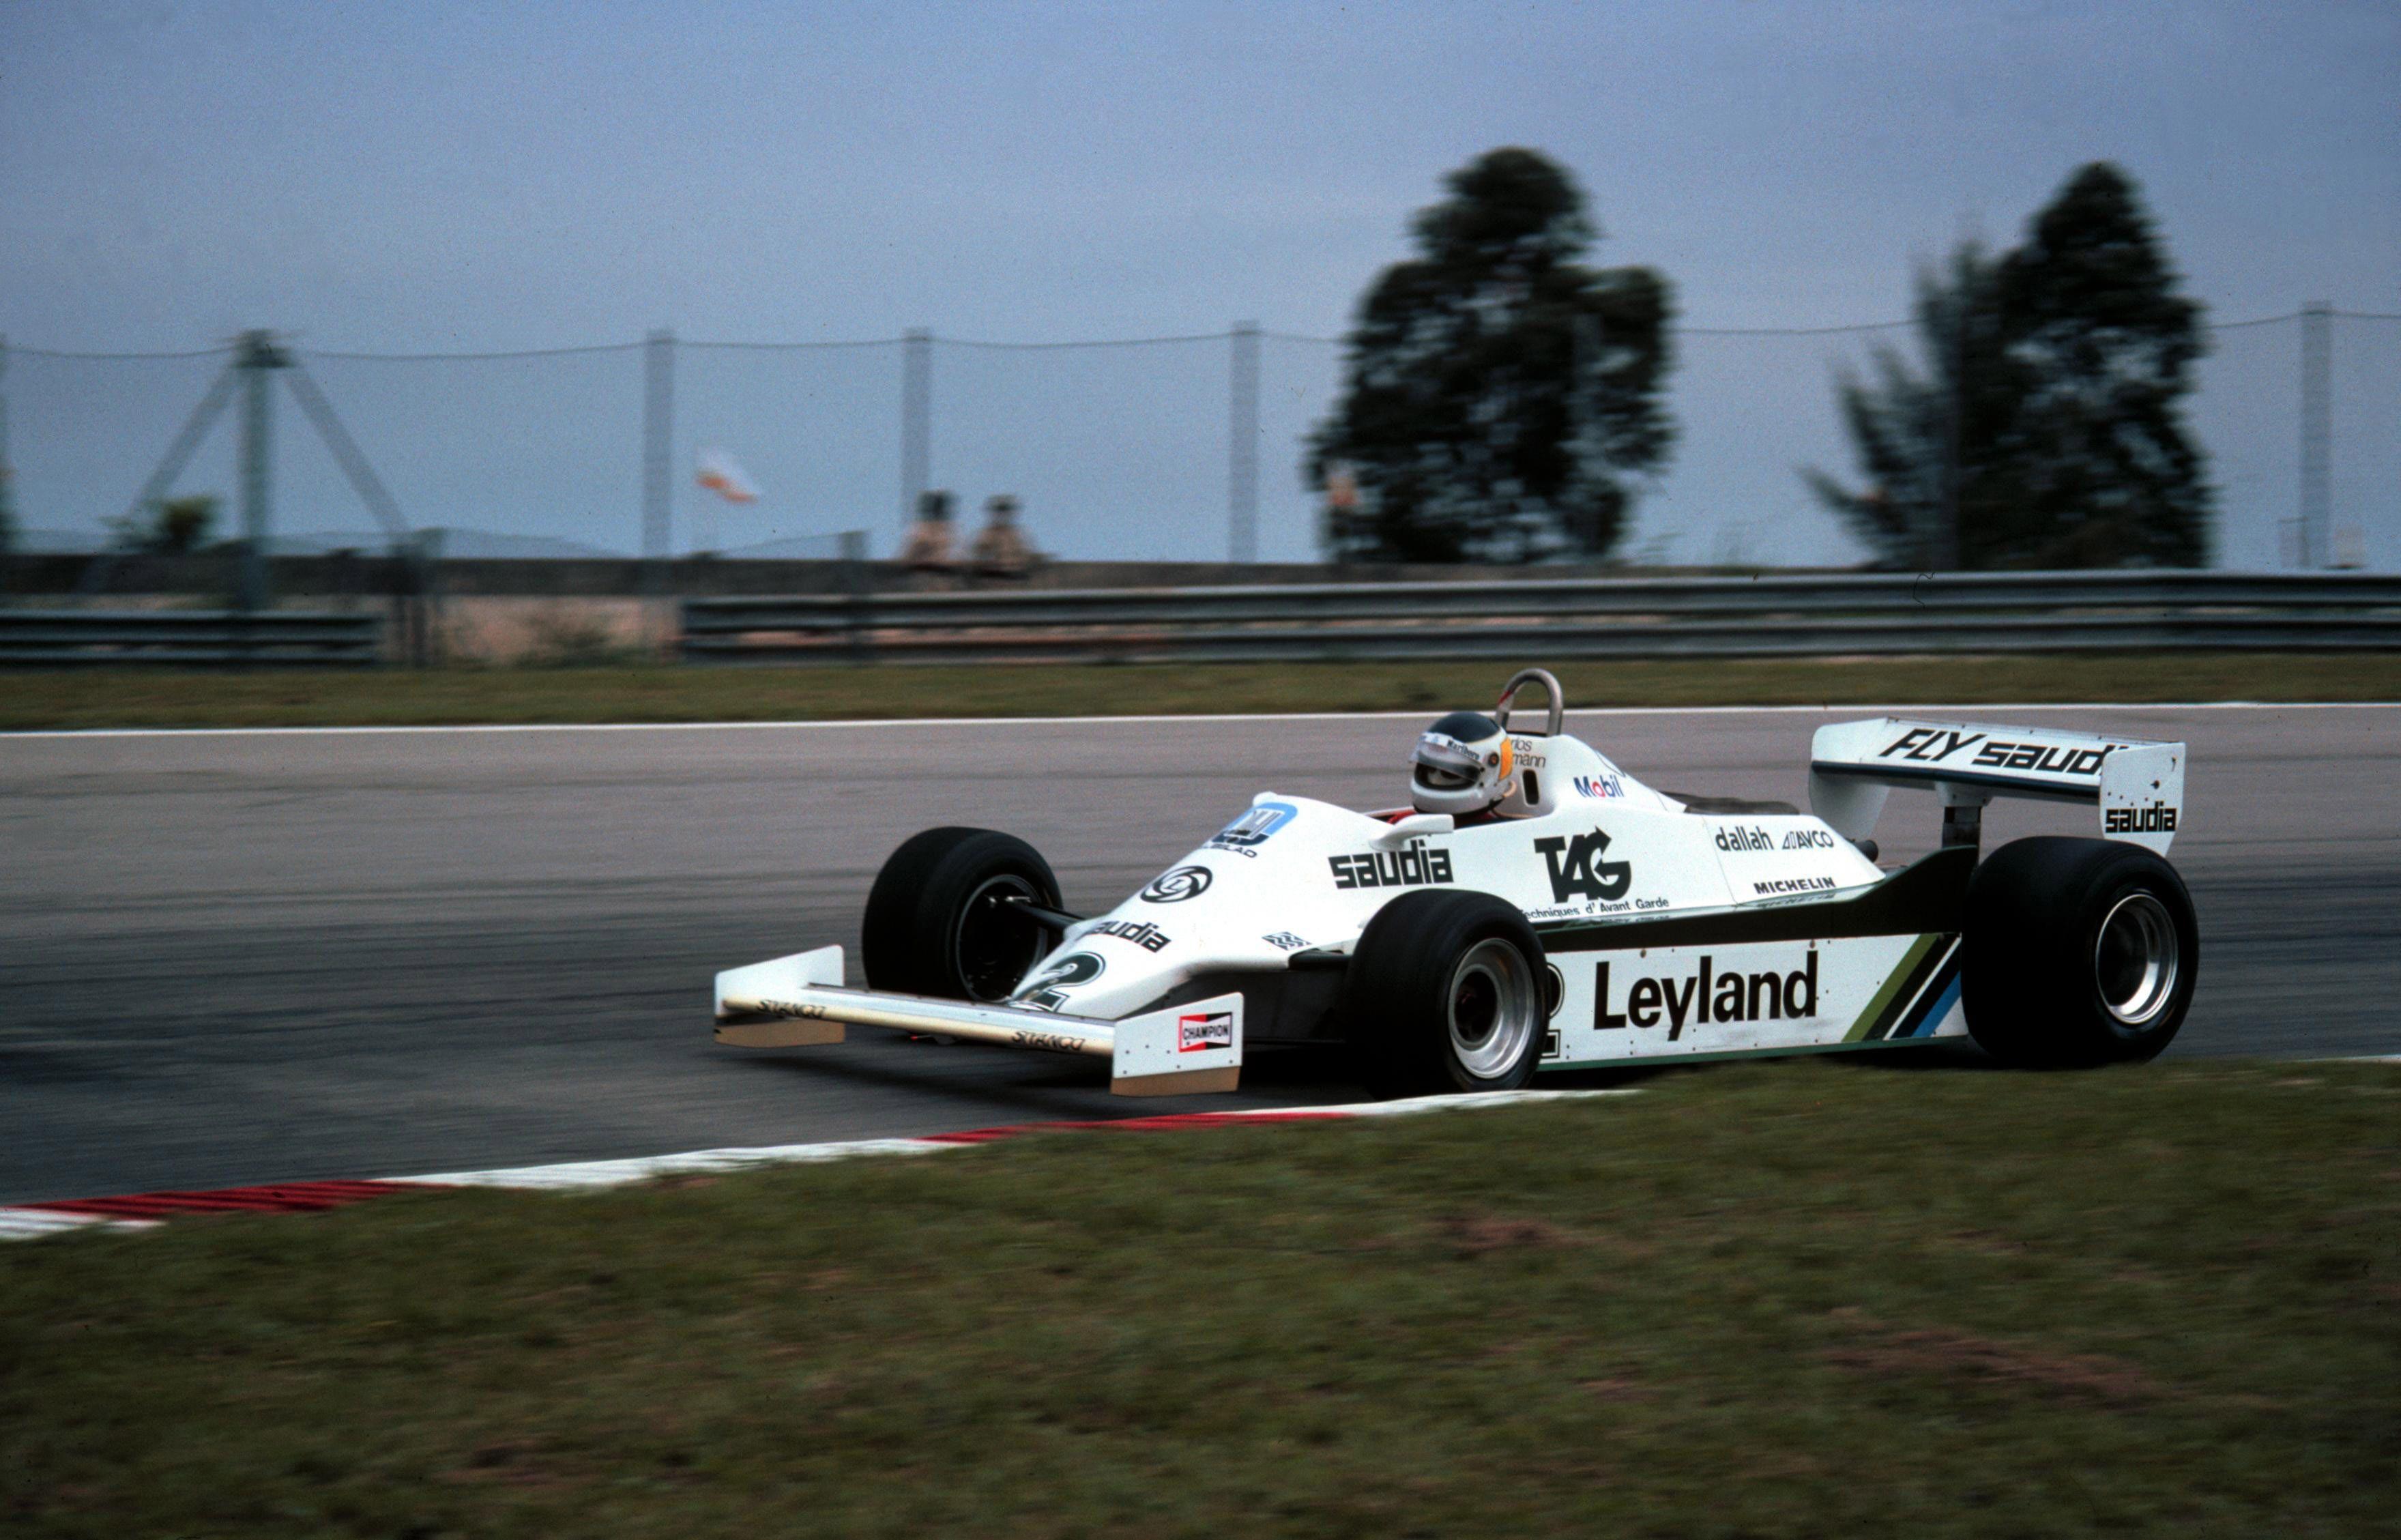 En 1981, el canal estatal transmitía el fútbol, pero también las carreras de Fórmula 1. Cuando corría Reutemann el fútbol, aunque fuera River-Boca se debía jugar a la mañana para que no se superpusieran los eventos.